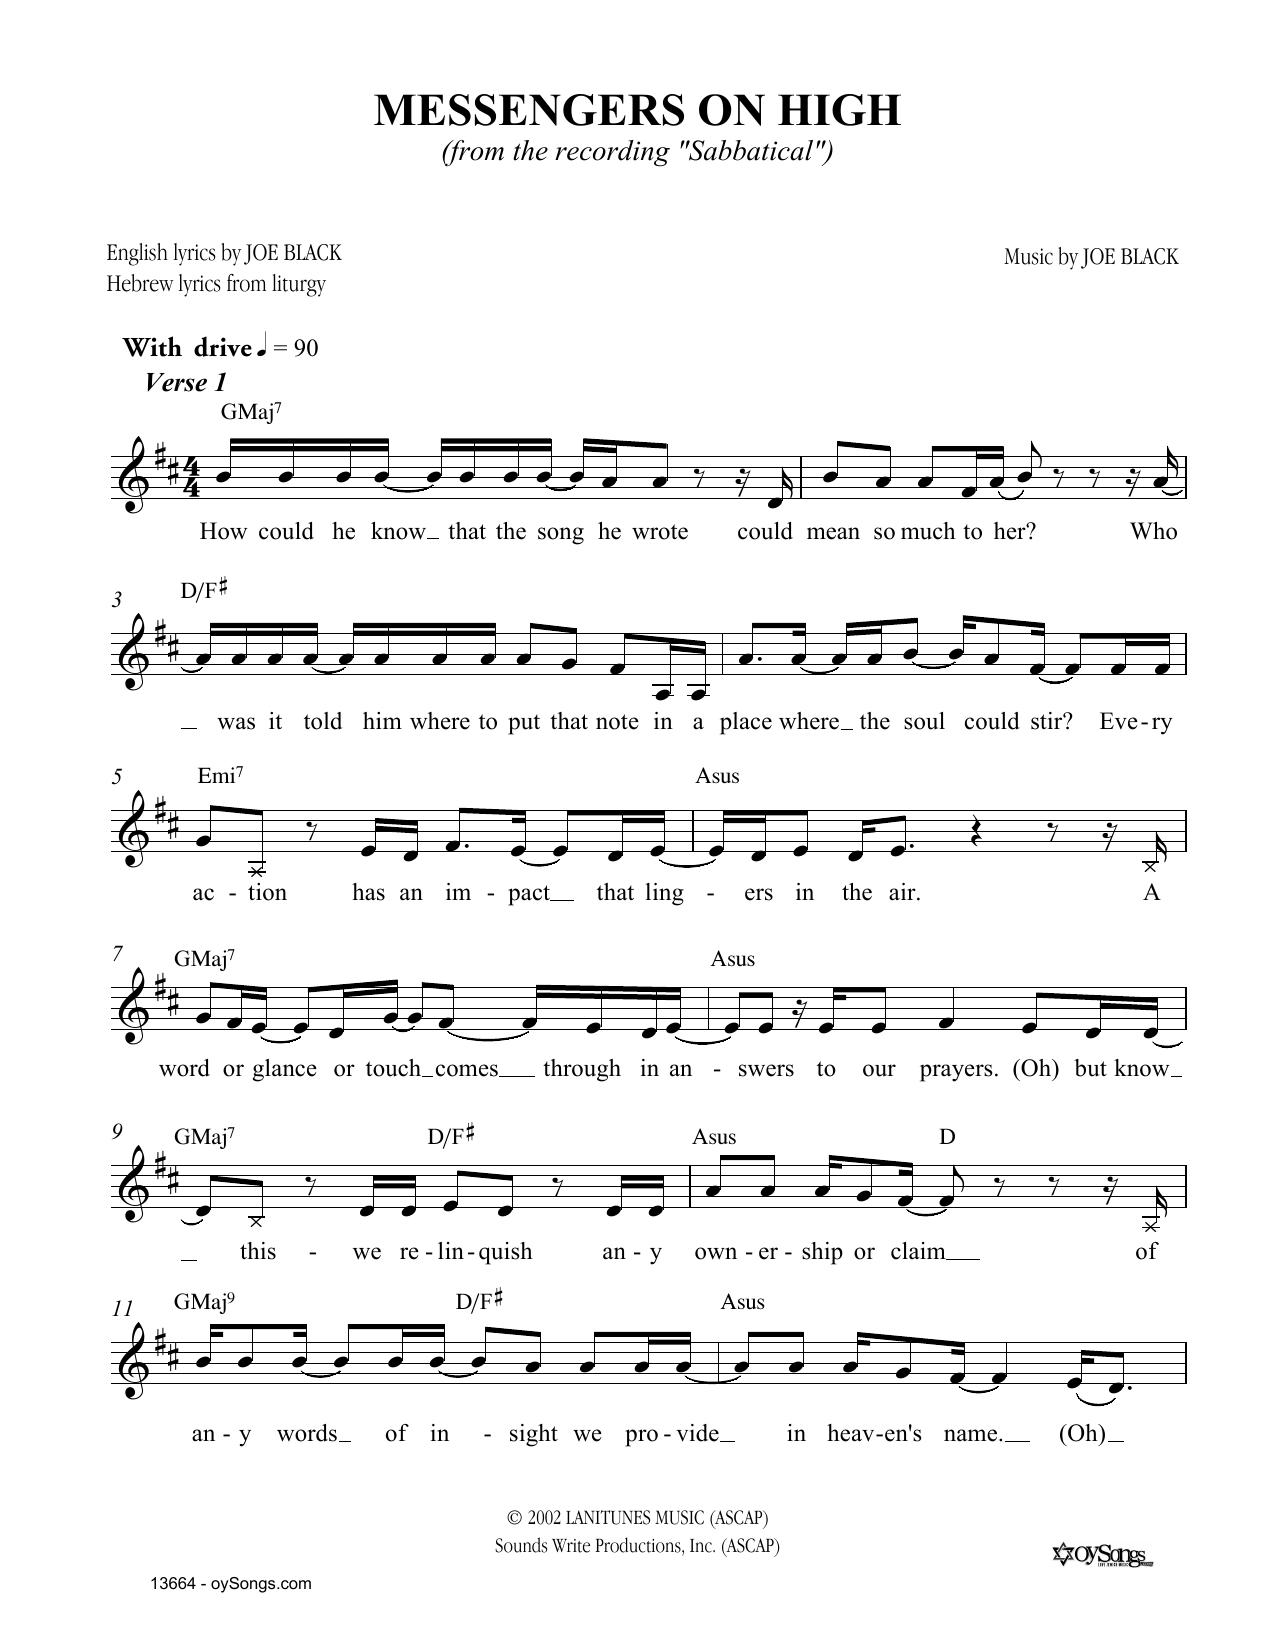 Messengers on High Sheet Music